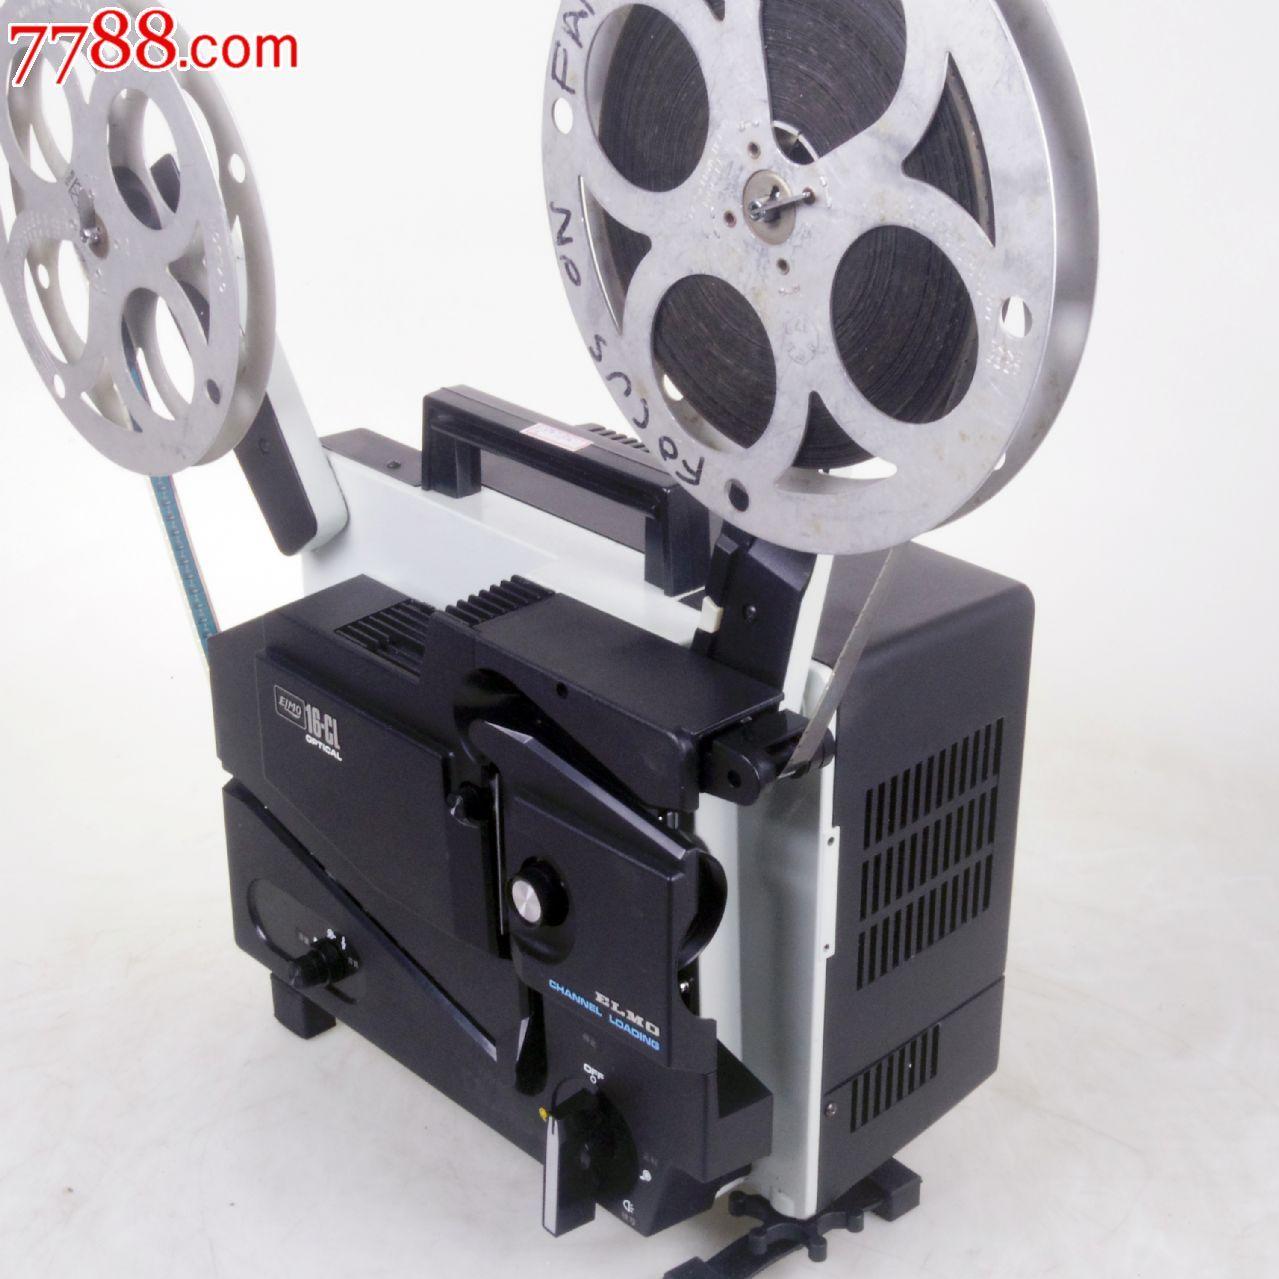 古董放映机爱尔莫elmo16-cl槽式16毫米电影机放映机有图片